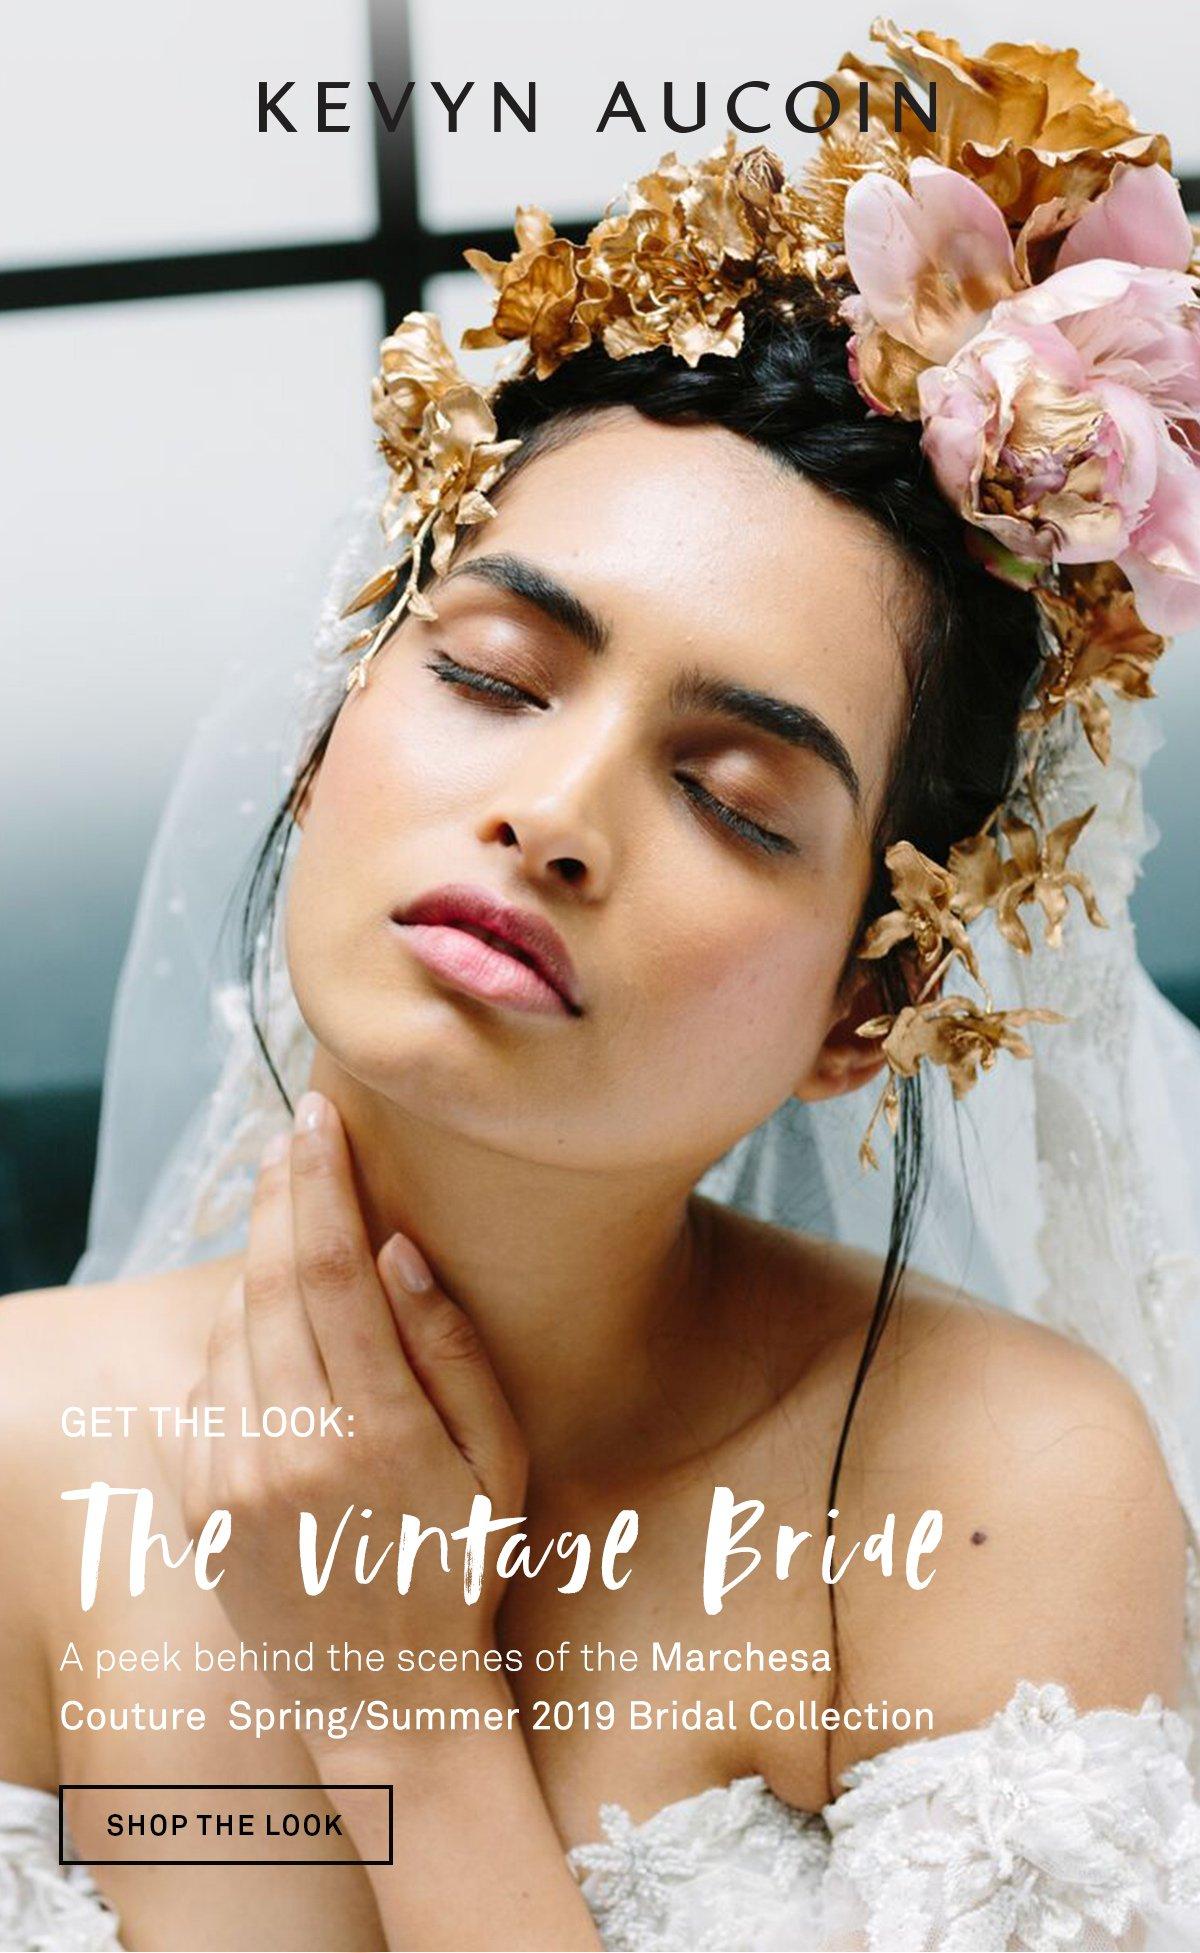 Get the Look: The Vintage Bride